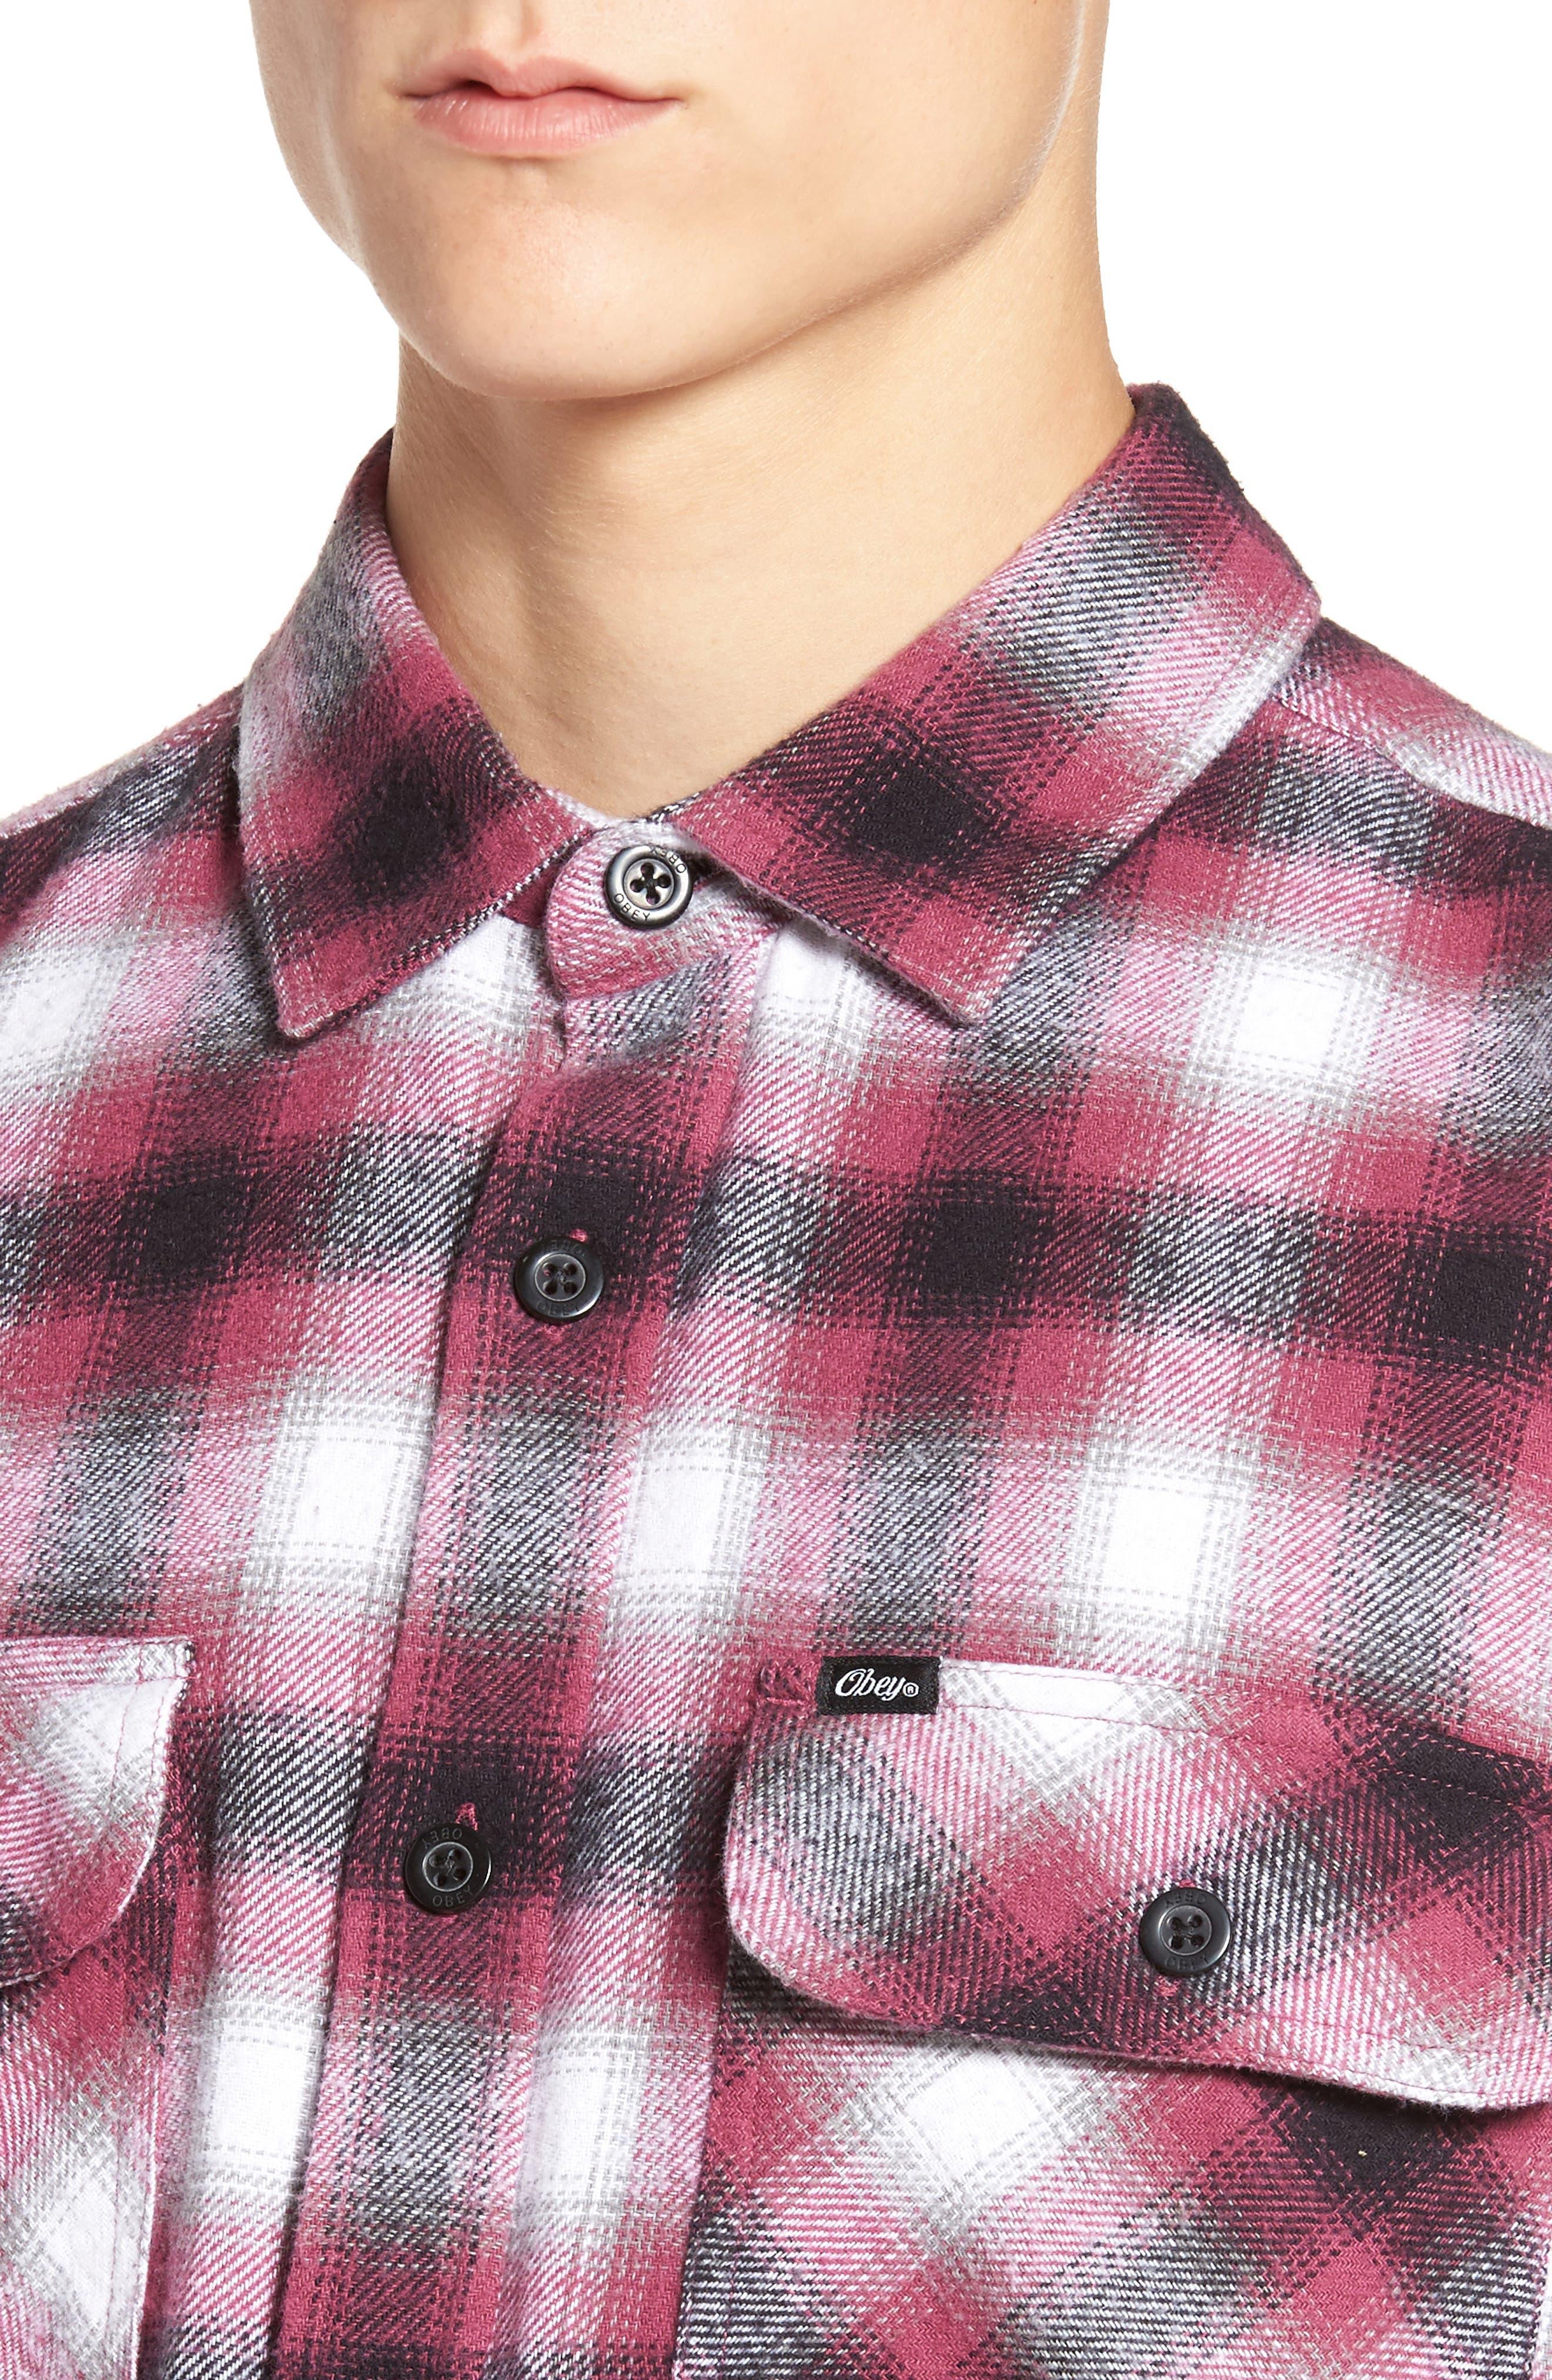 Mission Plaid Flannel Sport Shirt,                             Alternate thumbnail 4, color,